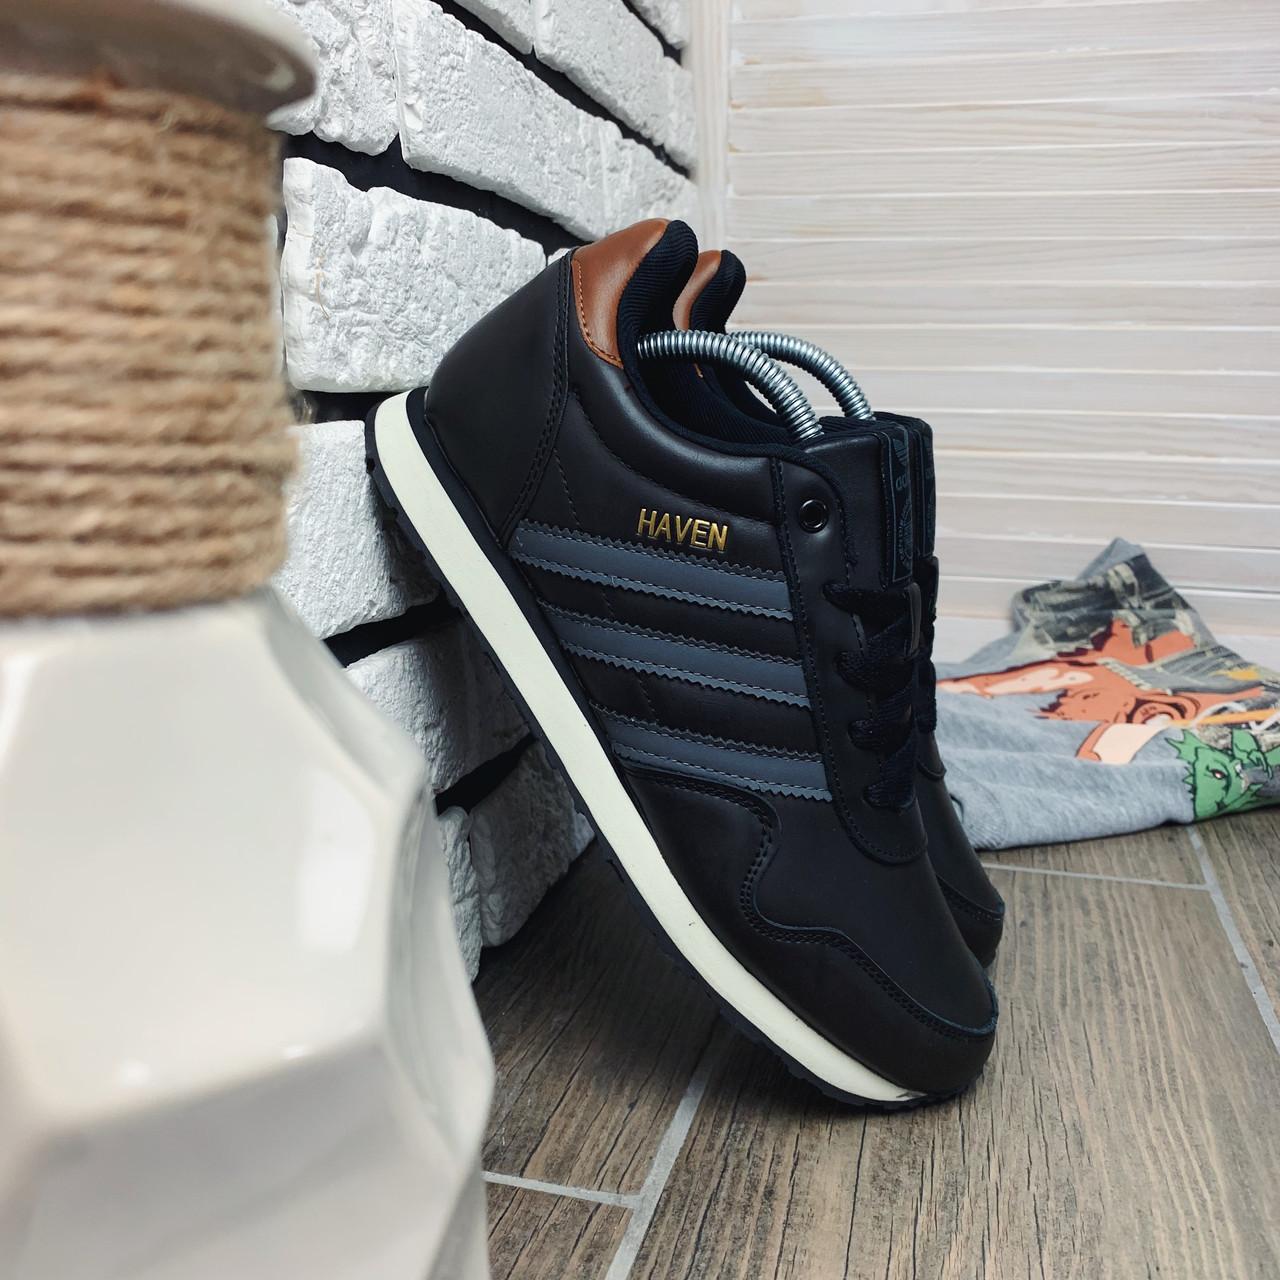 Кроссовки мужские Adidas HAVEN 30992 ⏩ [ 42.44]